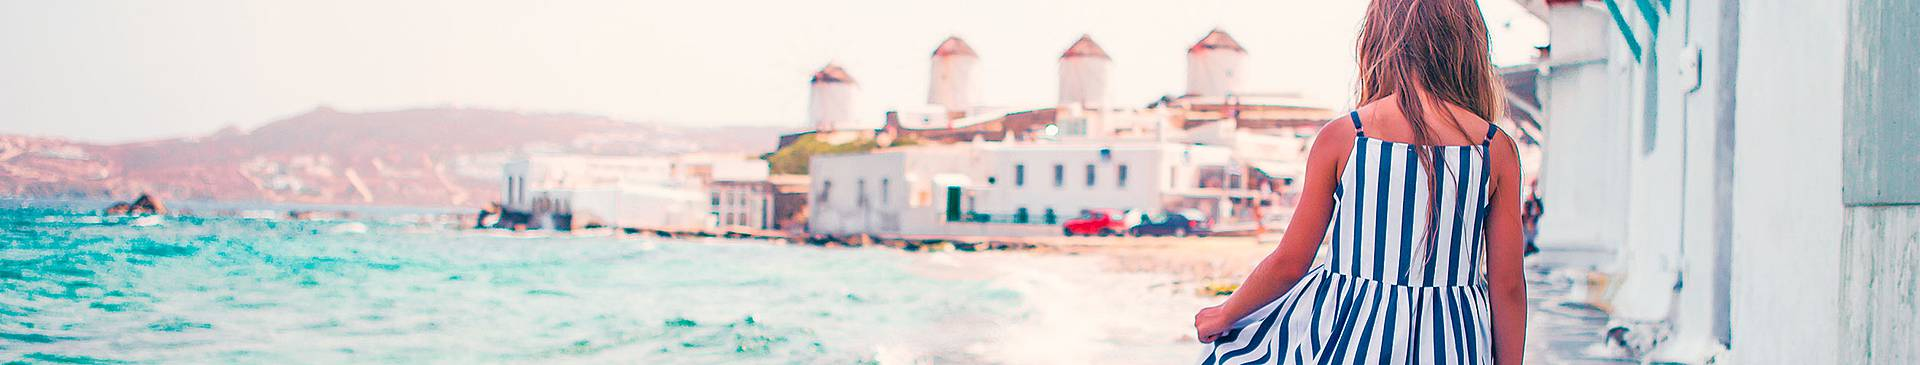 Voyage en famille en Grèce